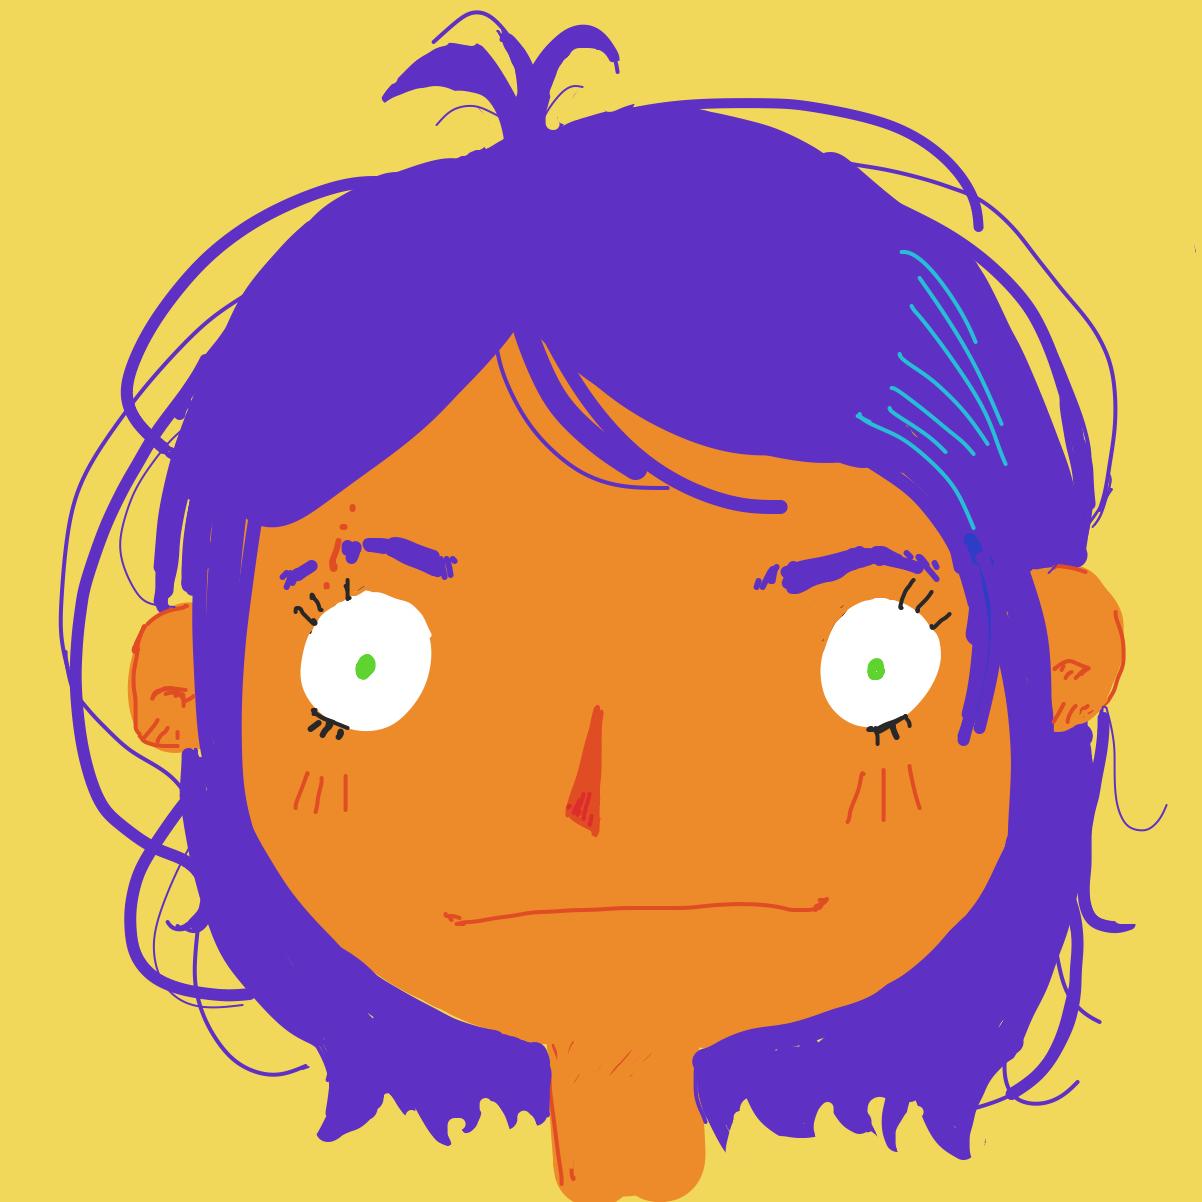 Profile picture for the comic artist, Tsumi